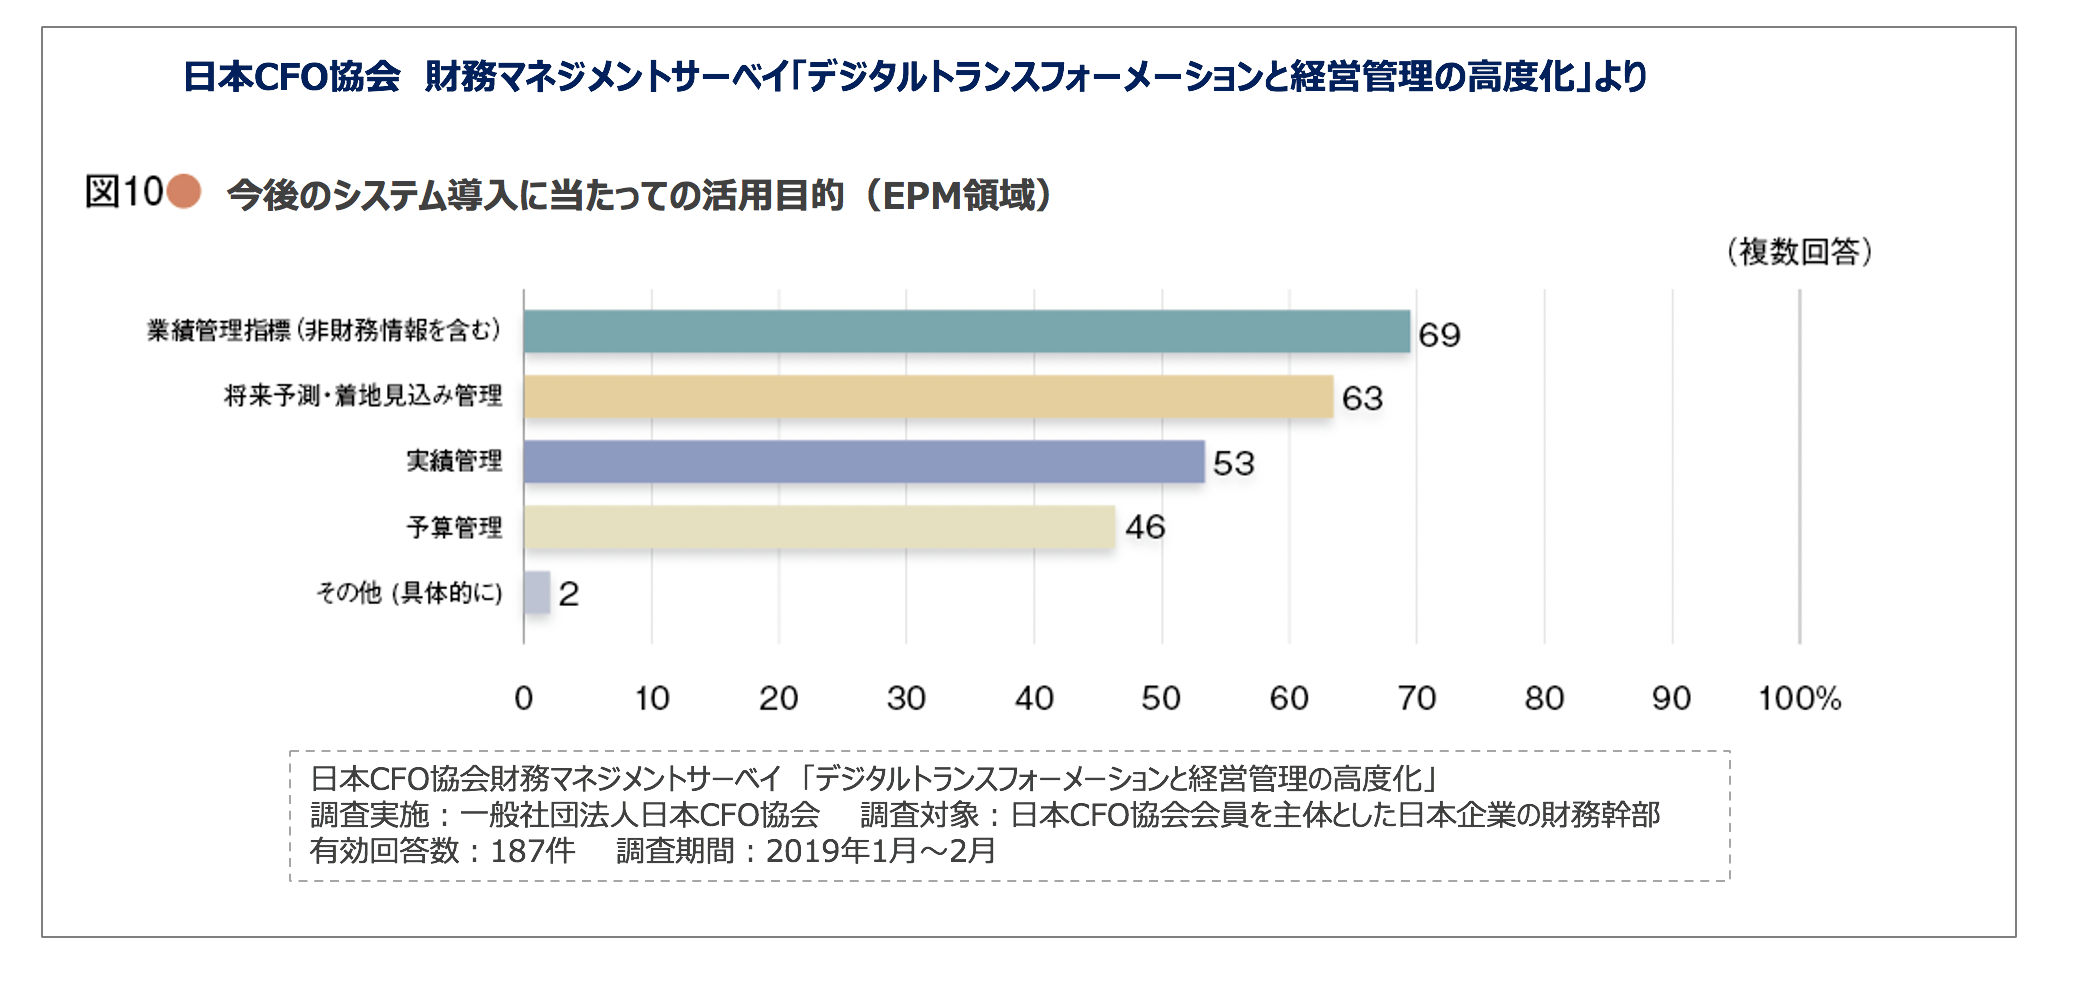 日本CFO協会 財務マネジメントサーベイ「デジタルトランスフォーメーションと経営管理の高度化」より